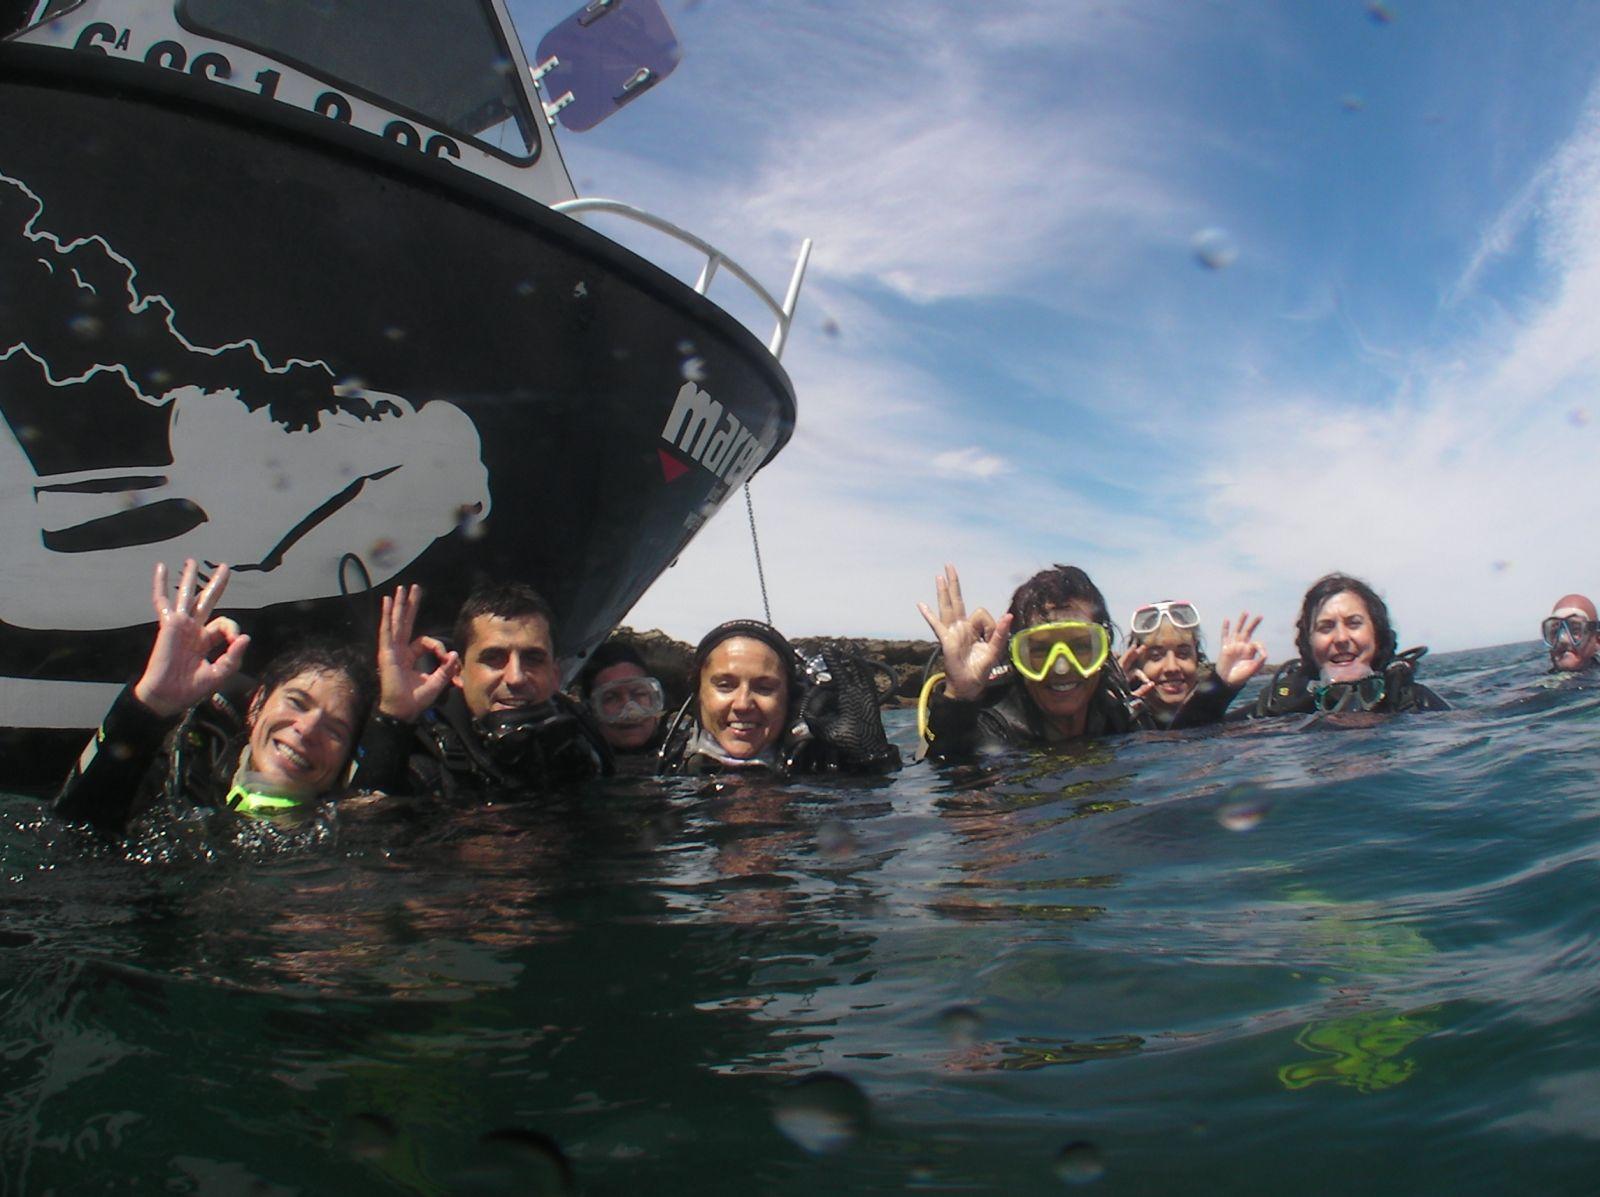 prácticas de mar de curso de buceo Buceo Navarra Hondarribia